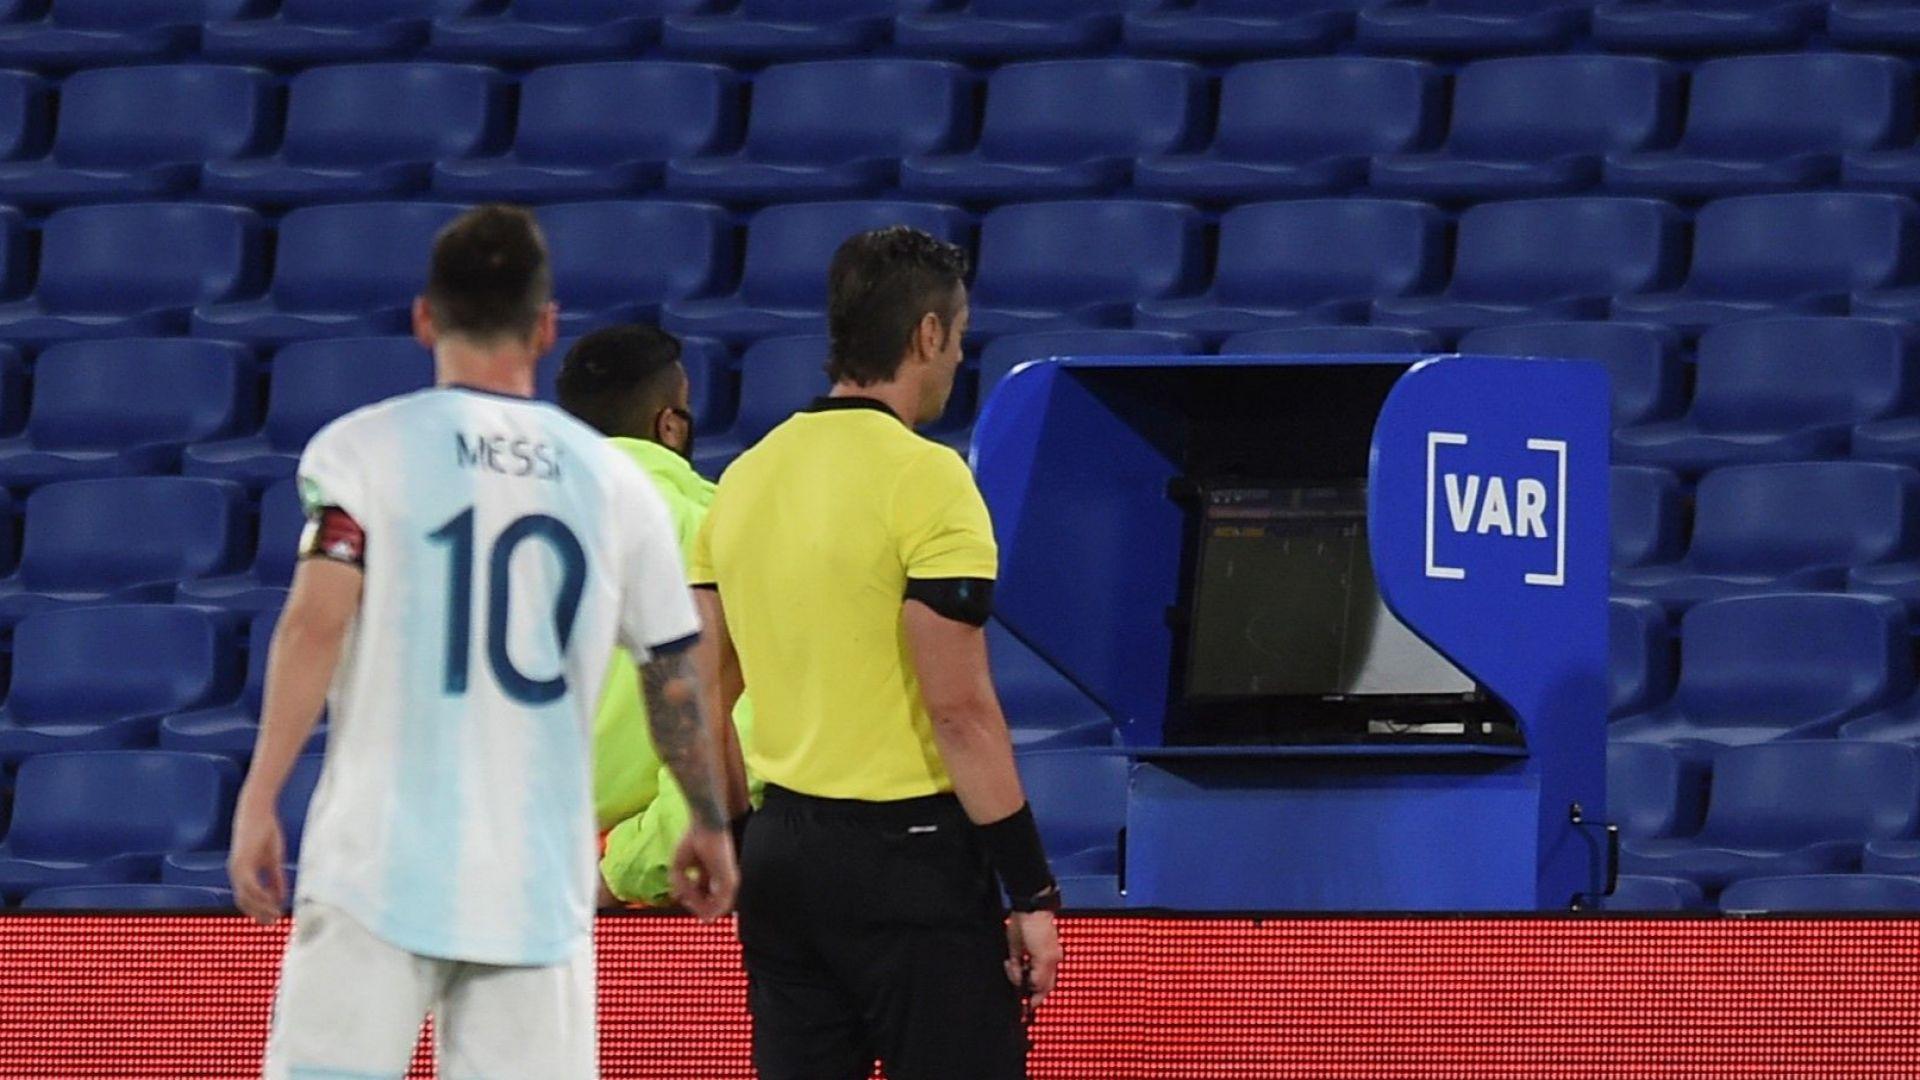 Аржентина побесня след скандална световна квалификация с тежка травма и отменен гол